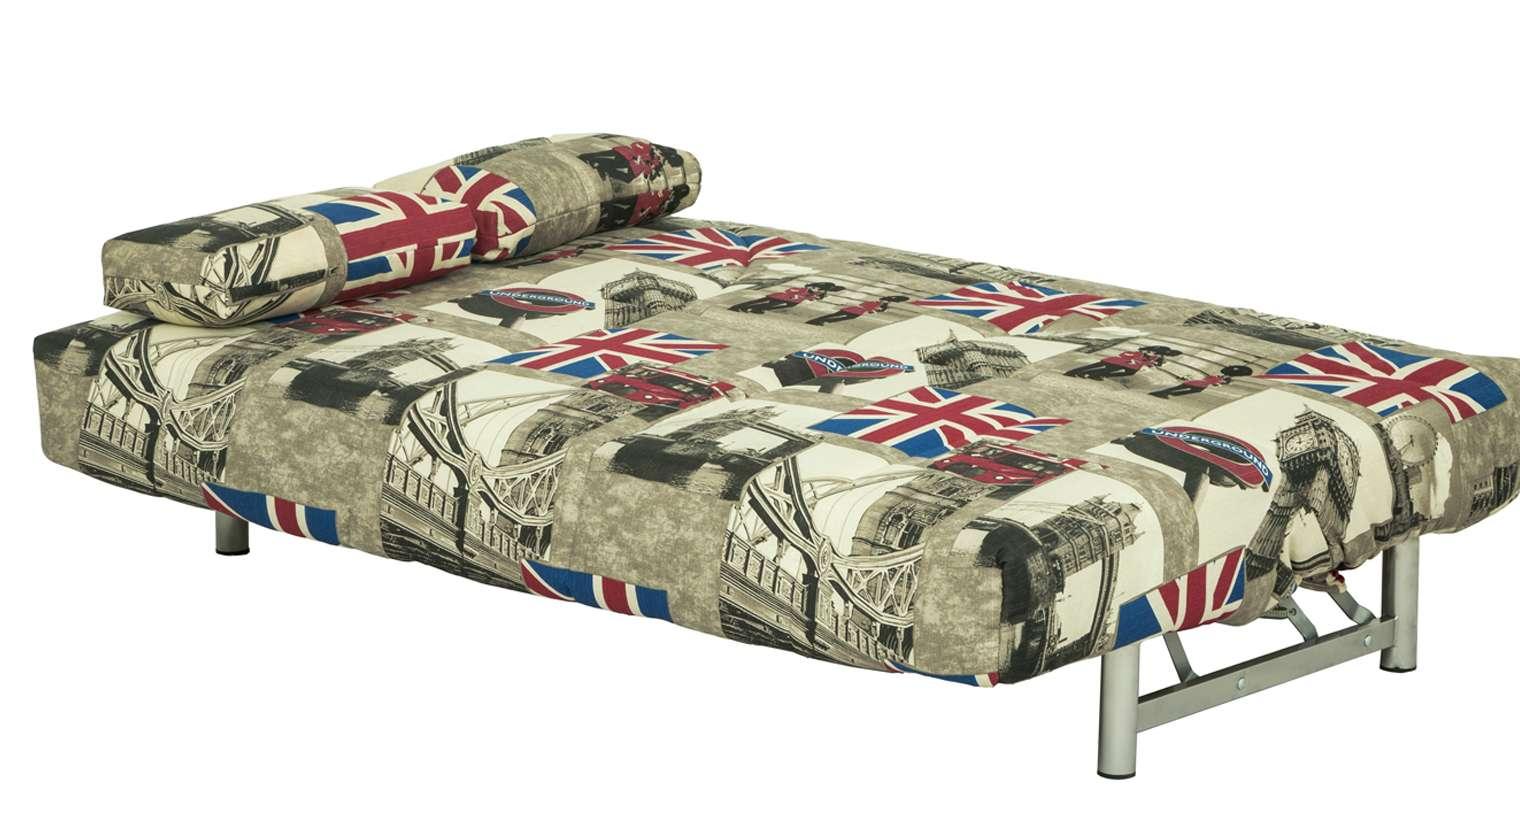 sofa cama encuentra24 panama hometrends rushreed 3 piece wicker patio sectional set comprar sofá cadiz clic clac de 135x190